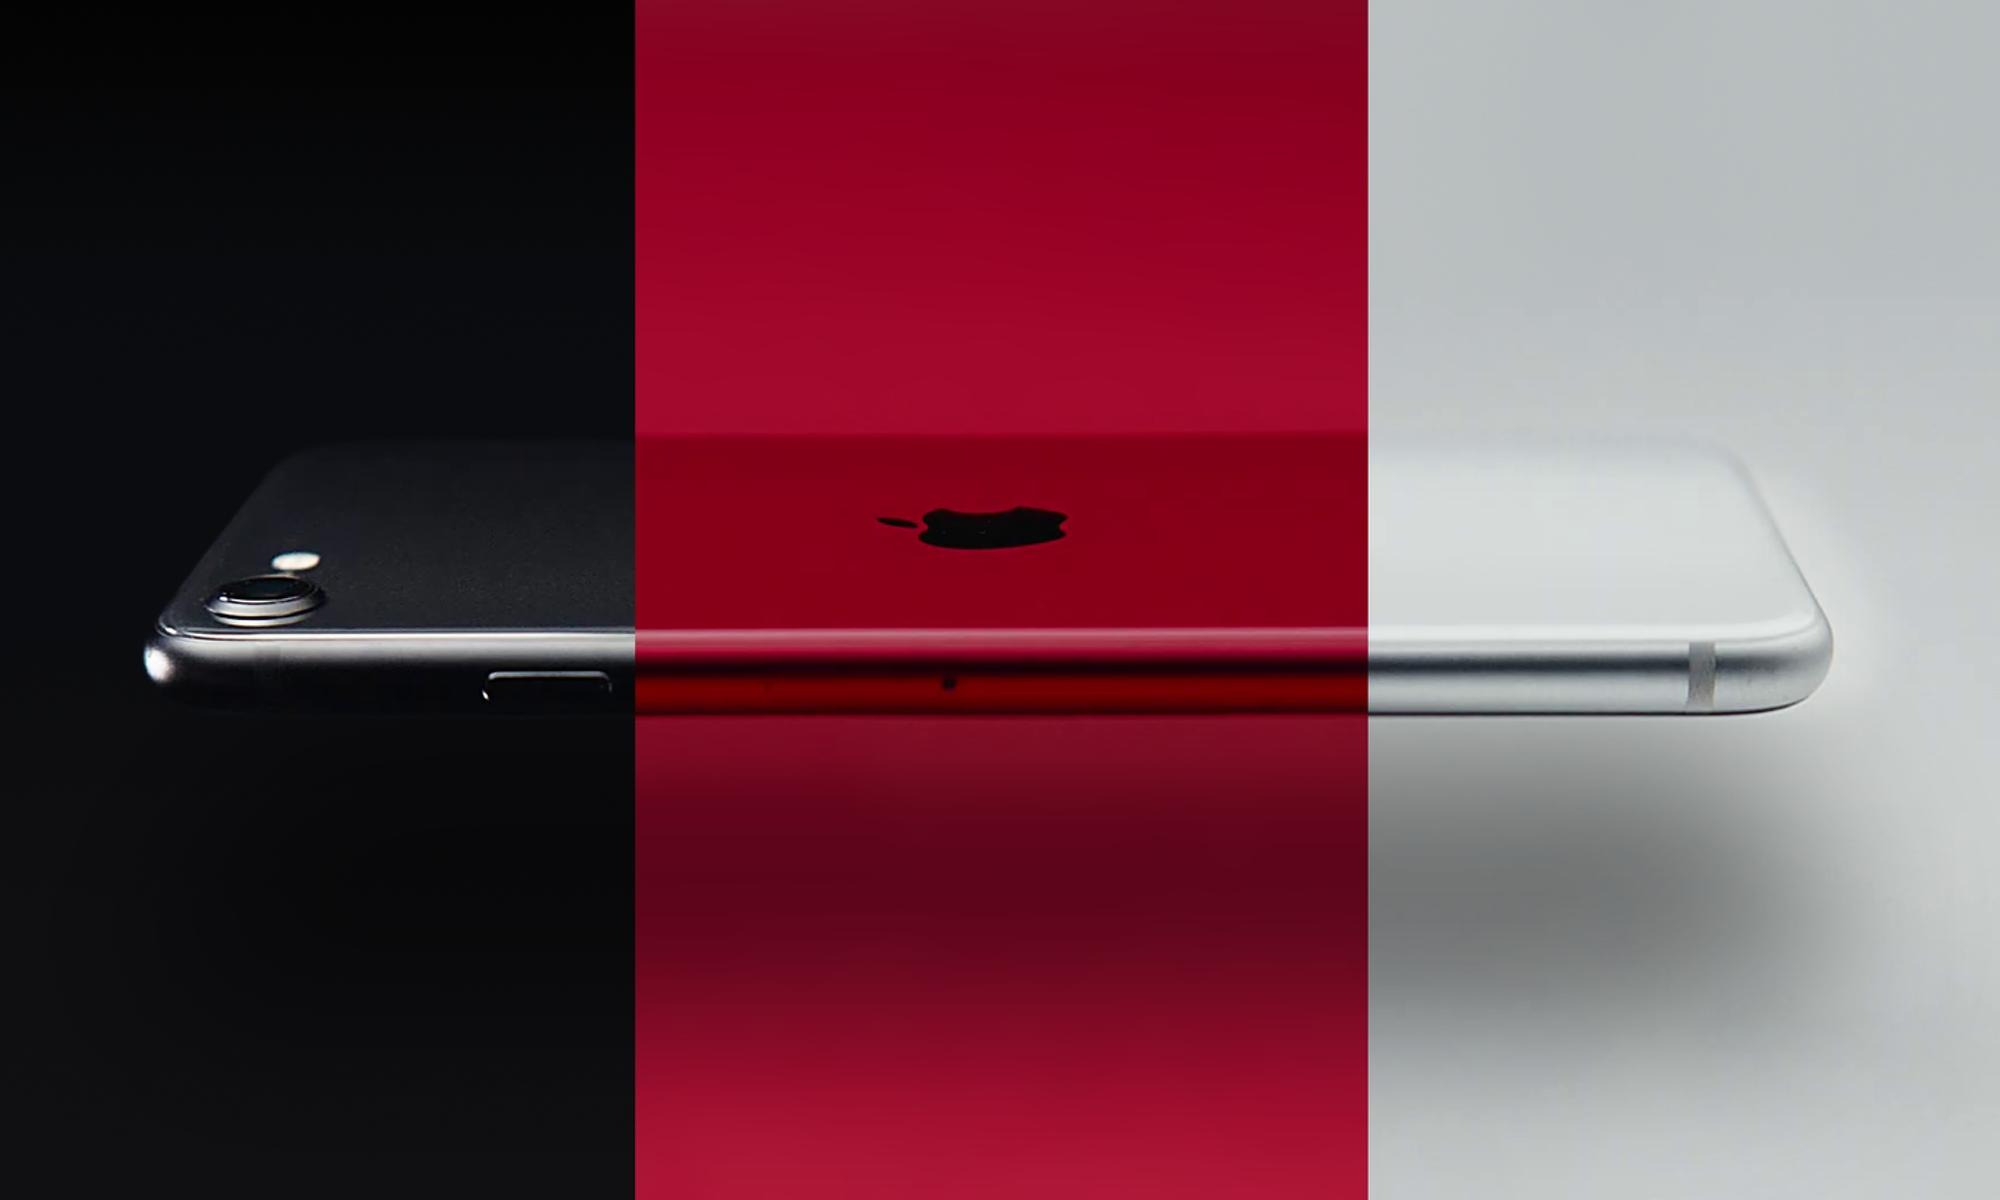 iPhone SE 2 uwielbiany przez użytkowników Androida